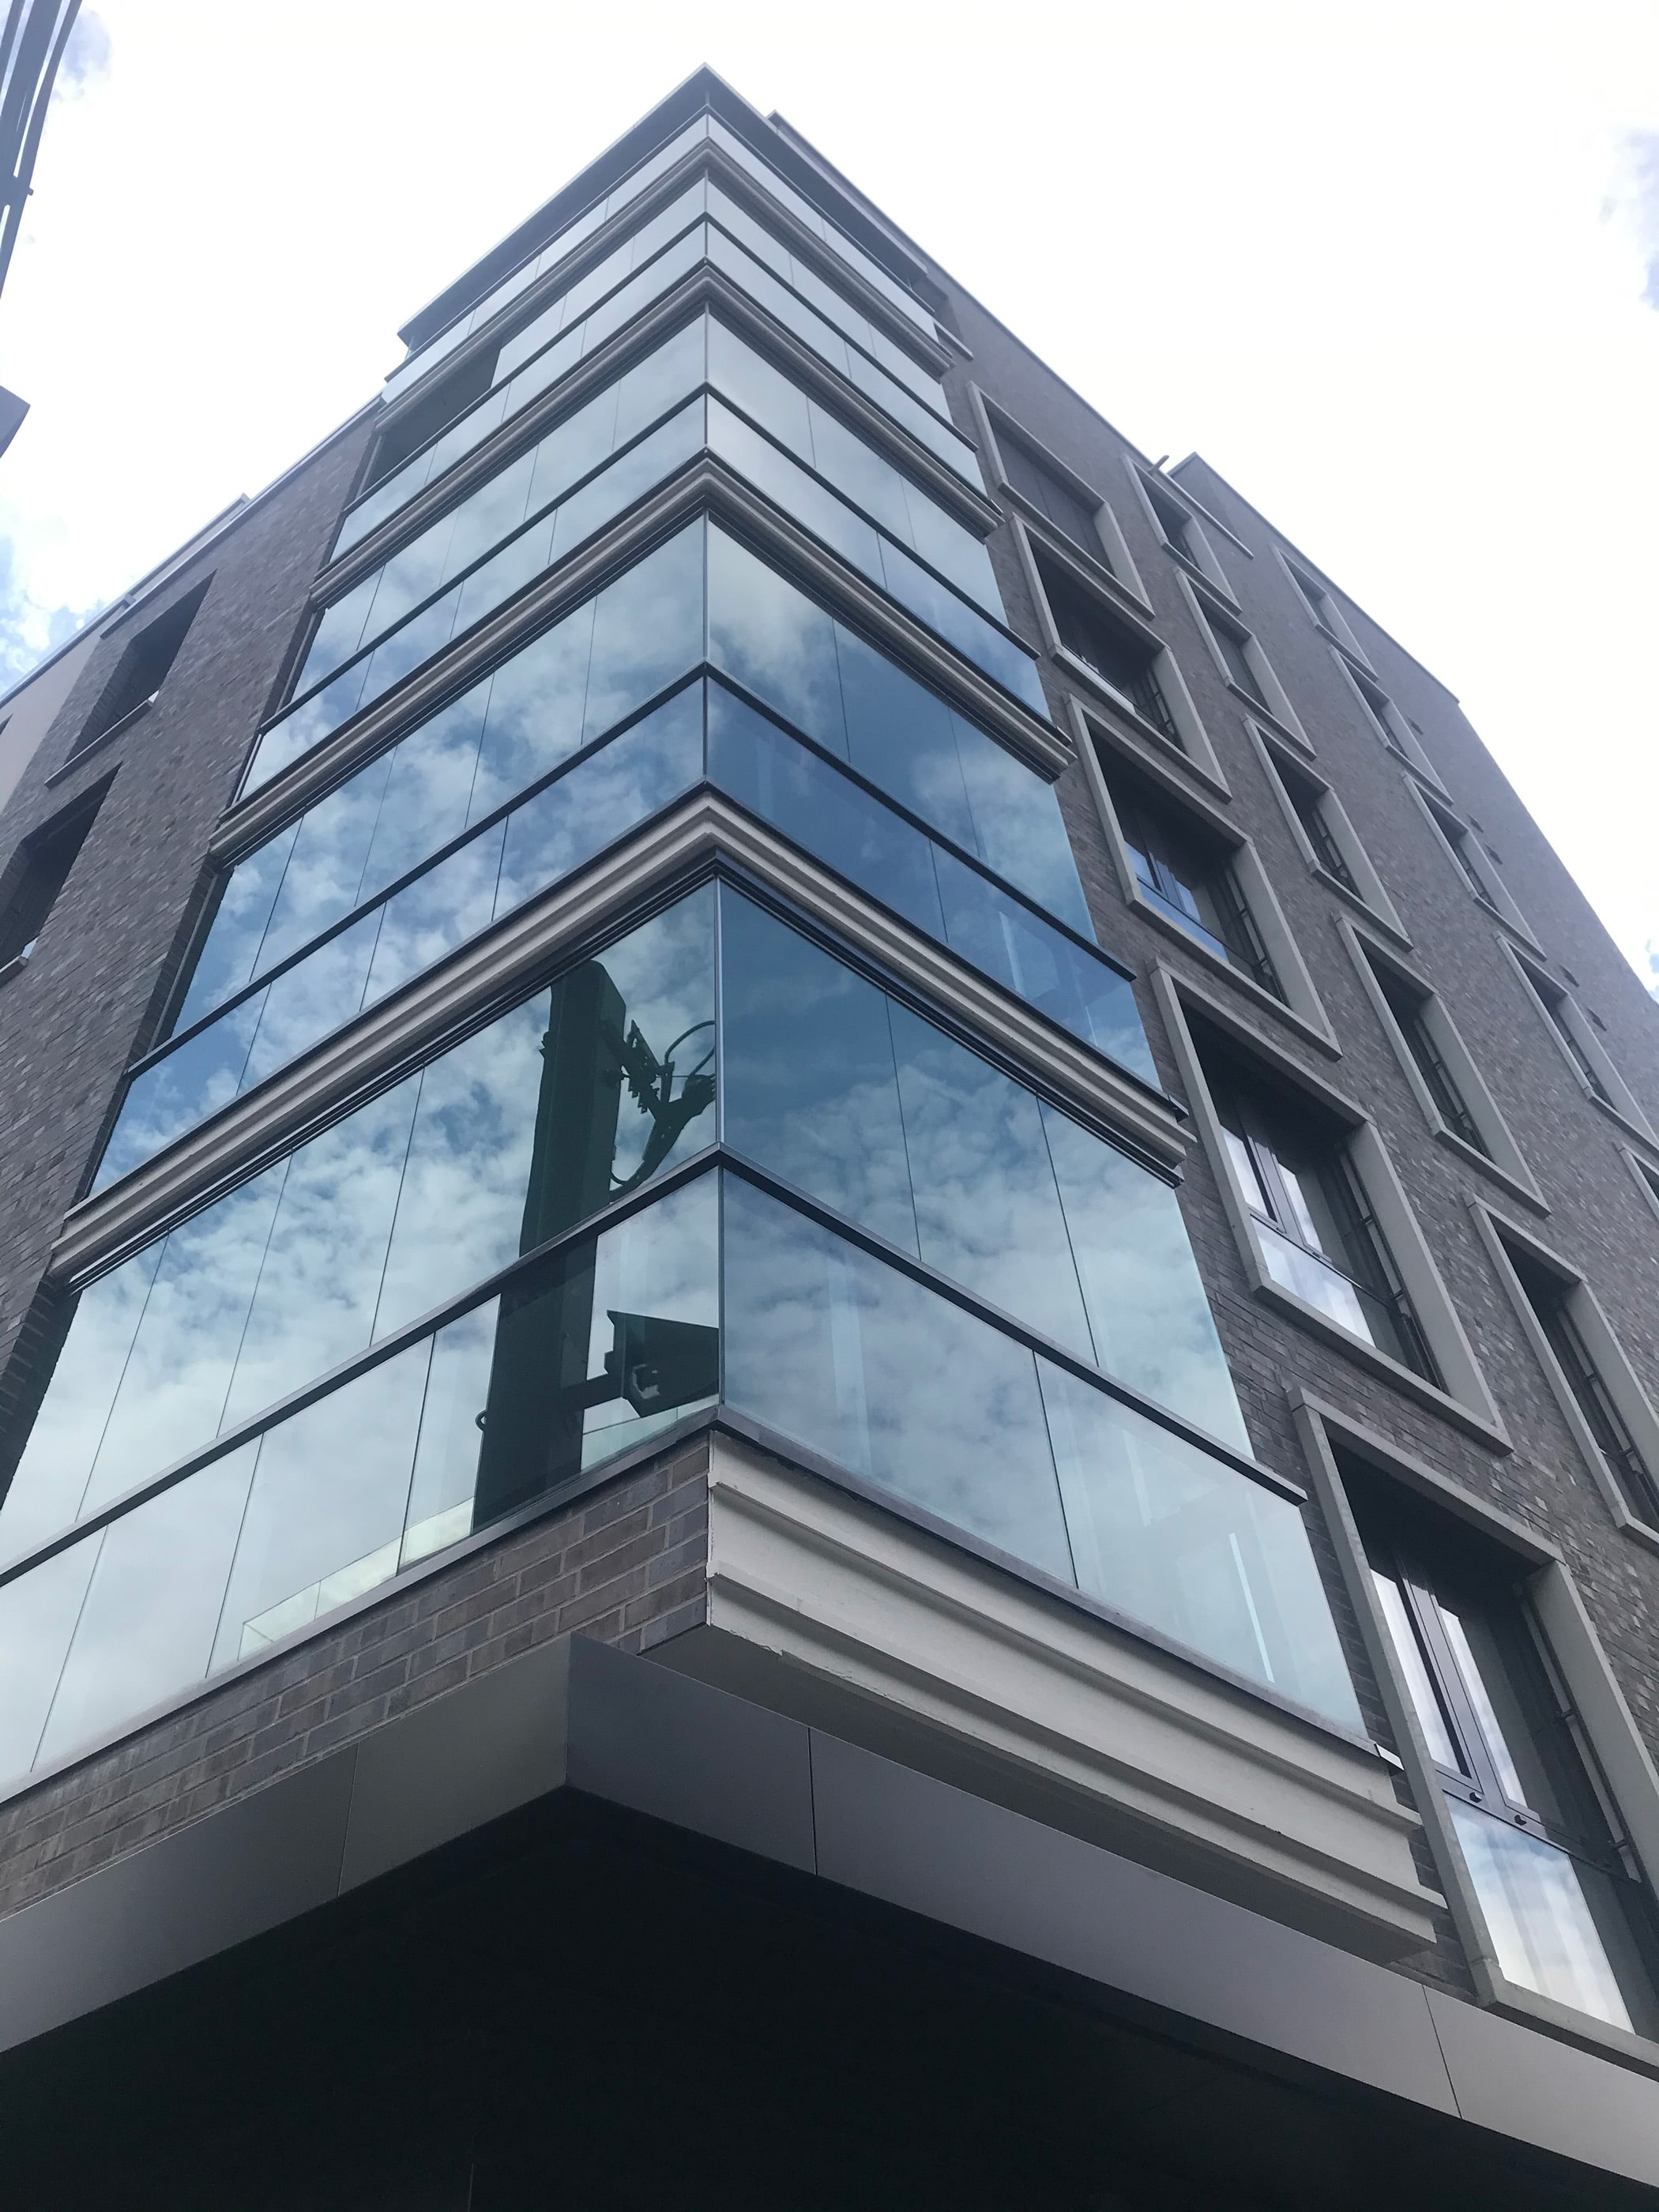 Windschutz Balkonelemente Glas